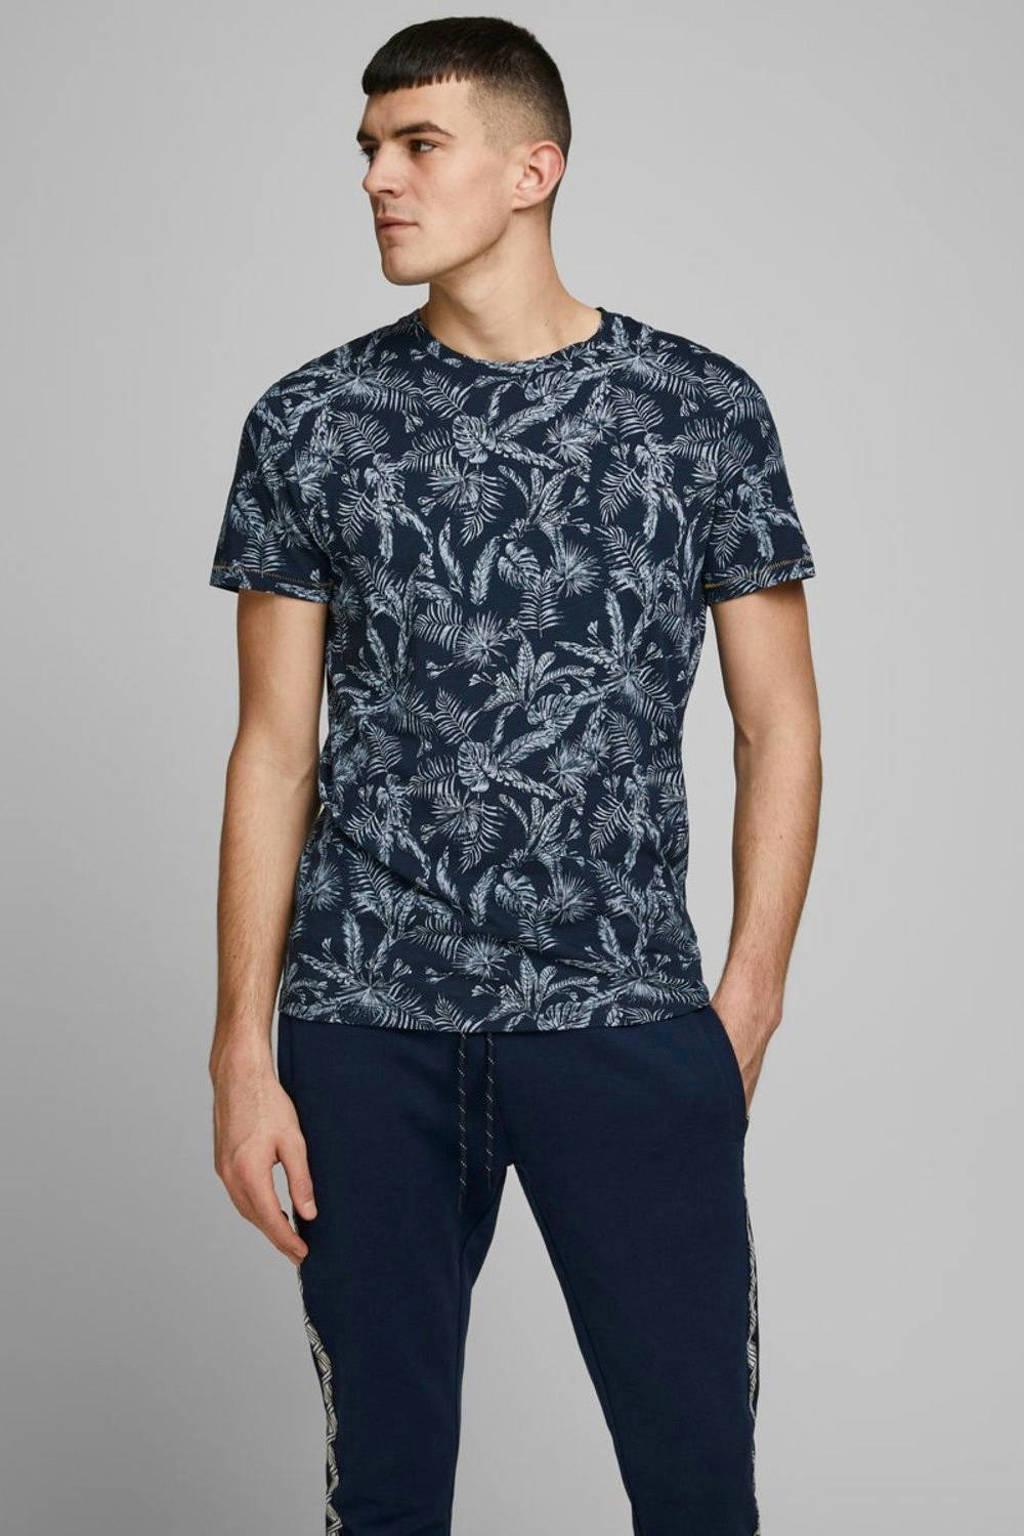 JACK & JONES ORIGINALS T-shirt van biologisch katoen donkerblauw, Donkerblauw